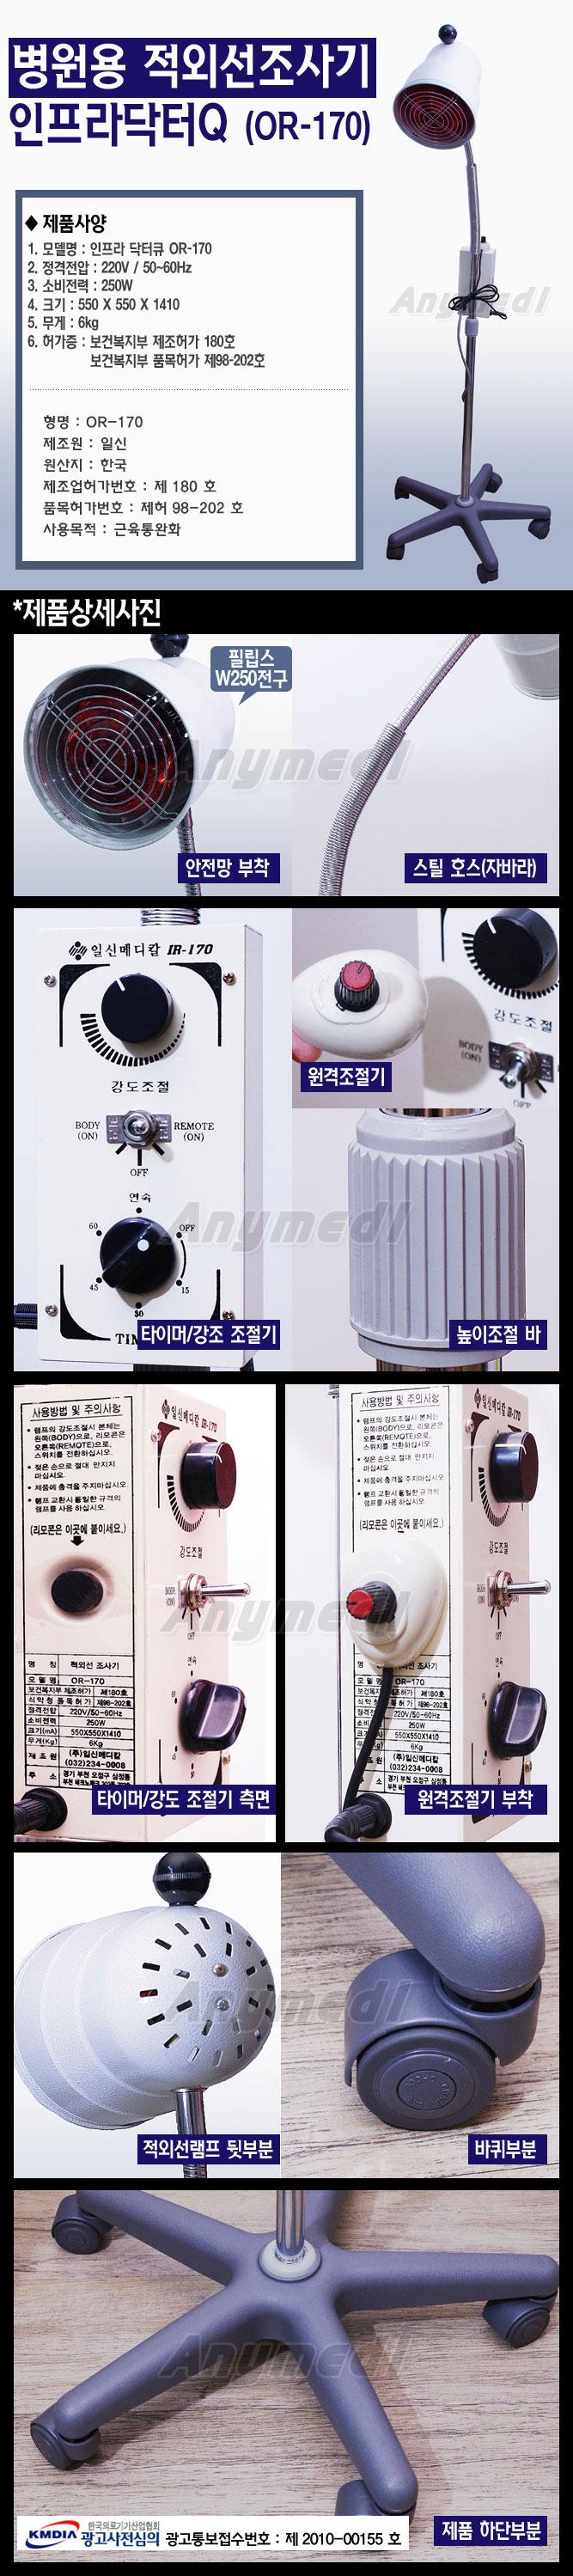 일신 병원용 적외선조사기 인프라닥터Q OR-170